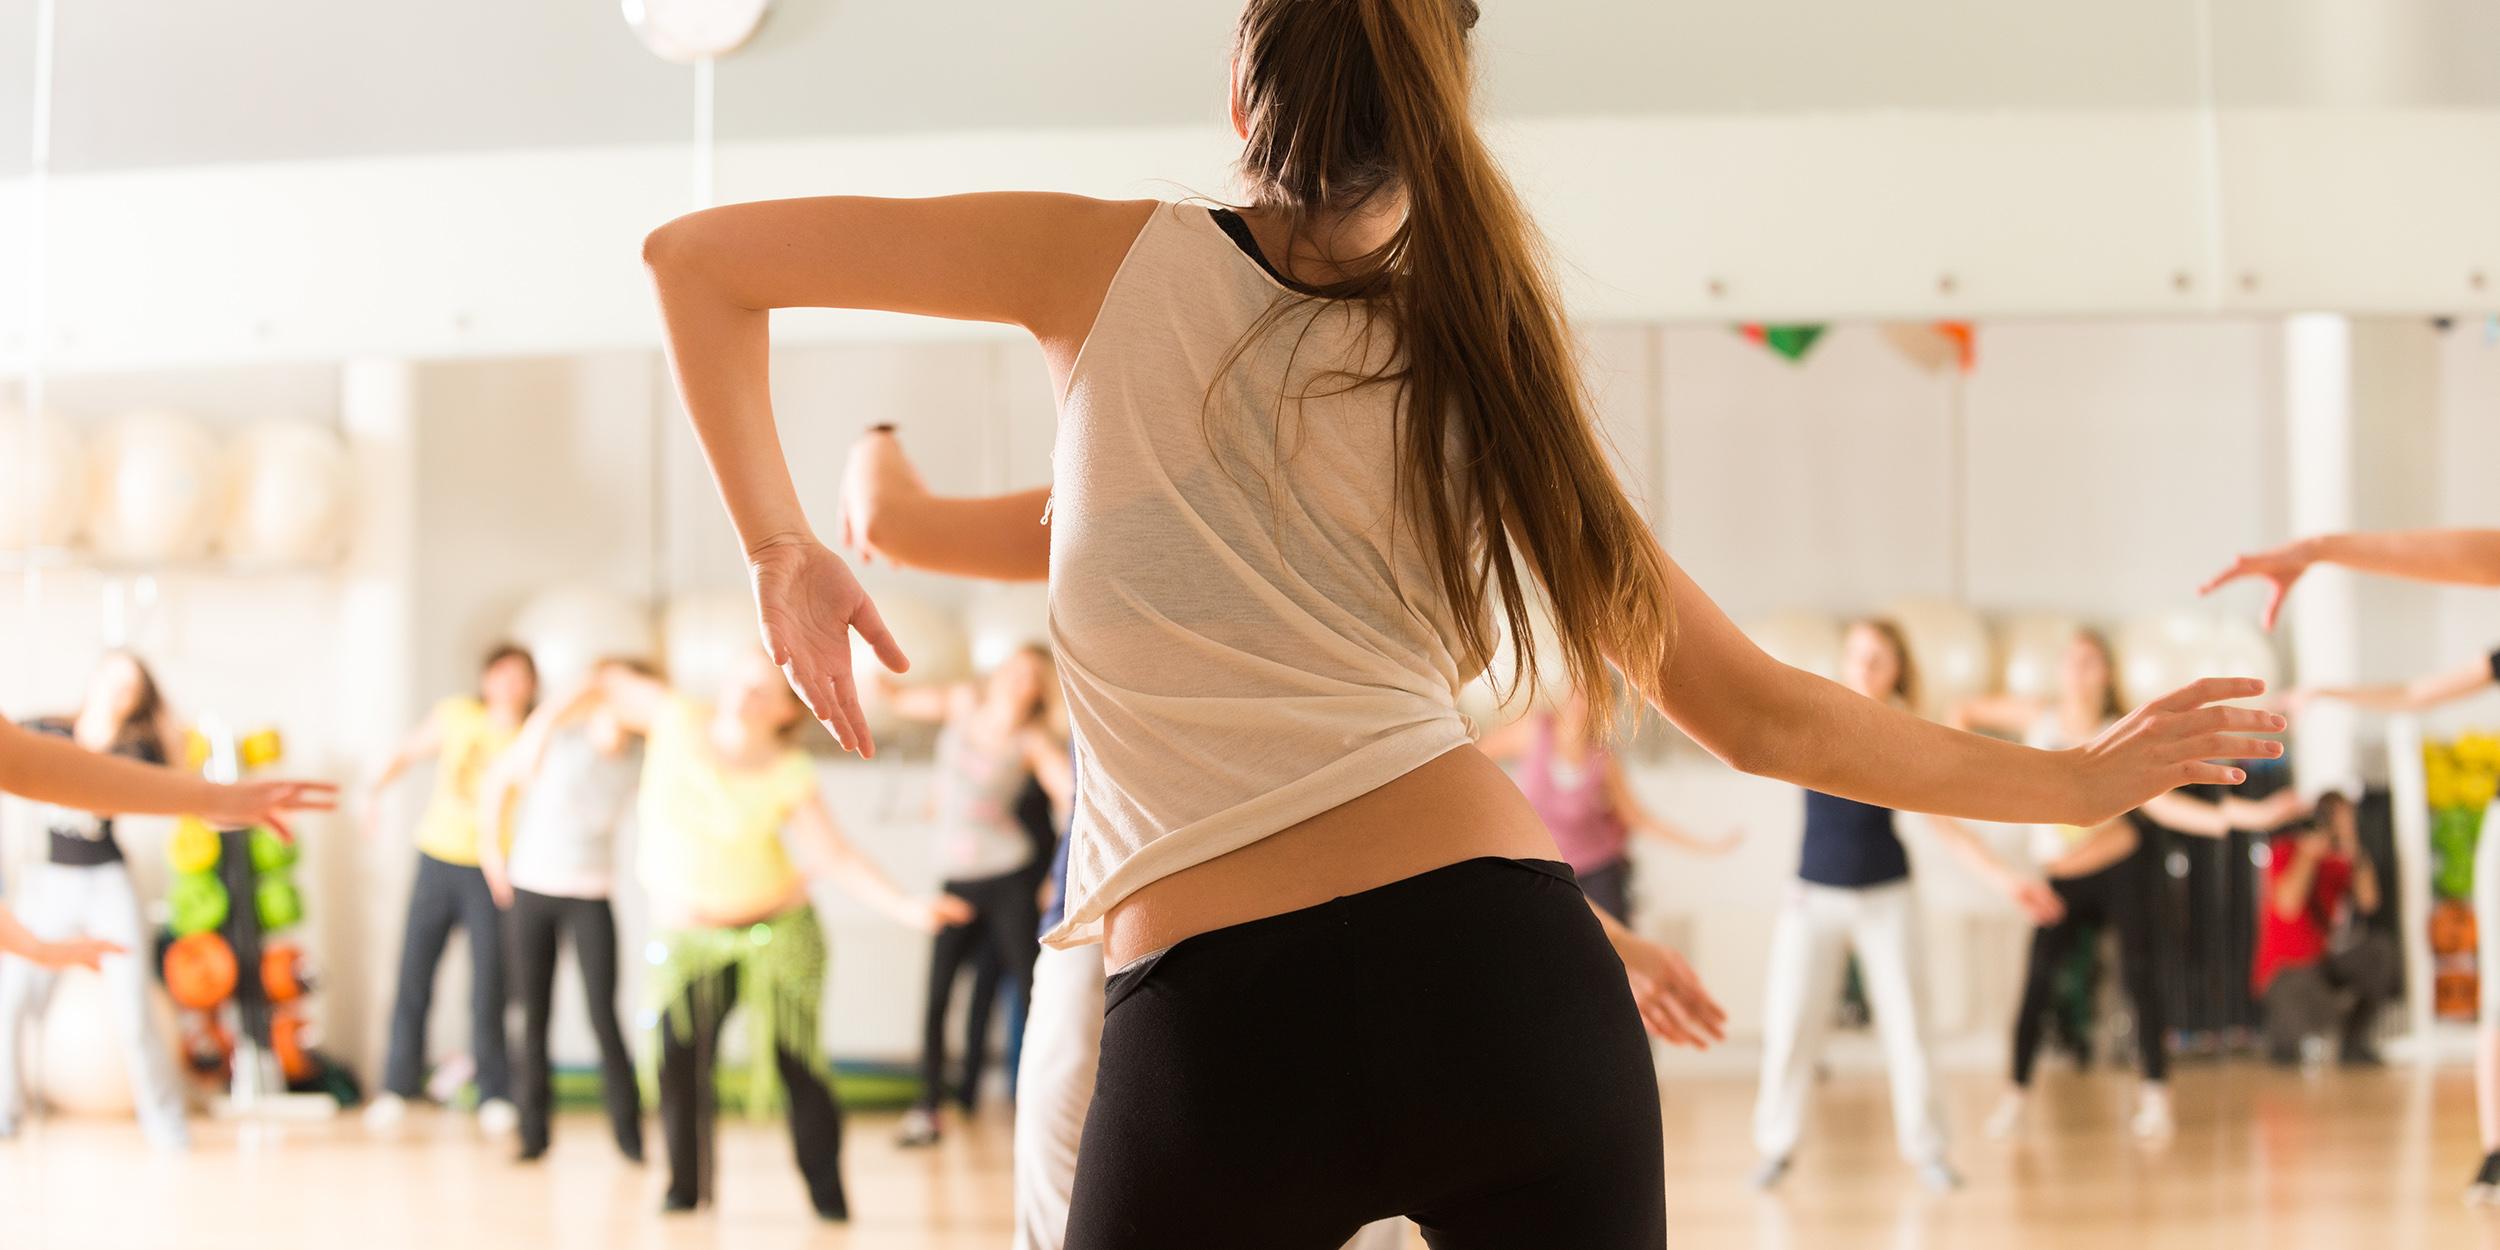 Танцы нагрузка на суставы болит локоть немеет кисть